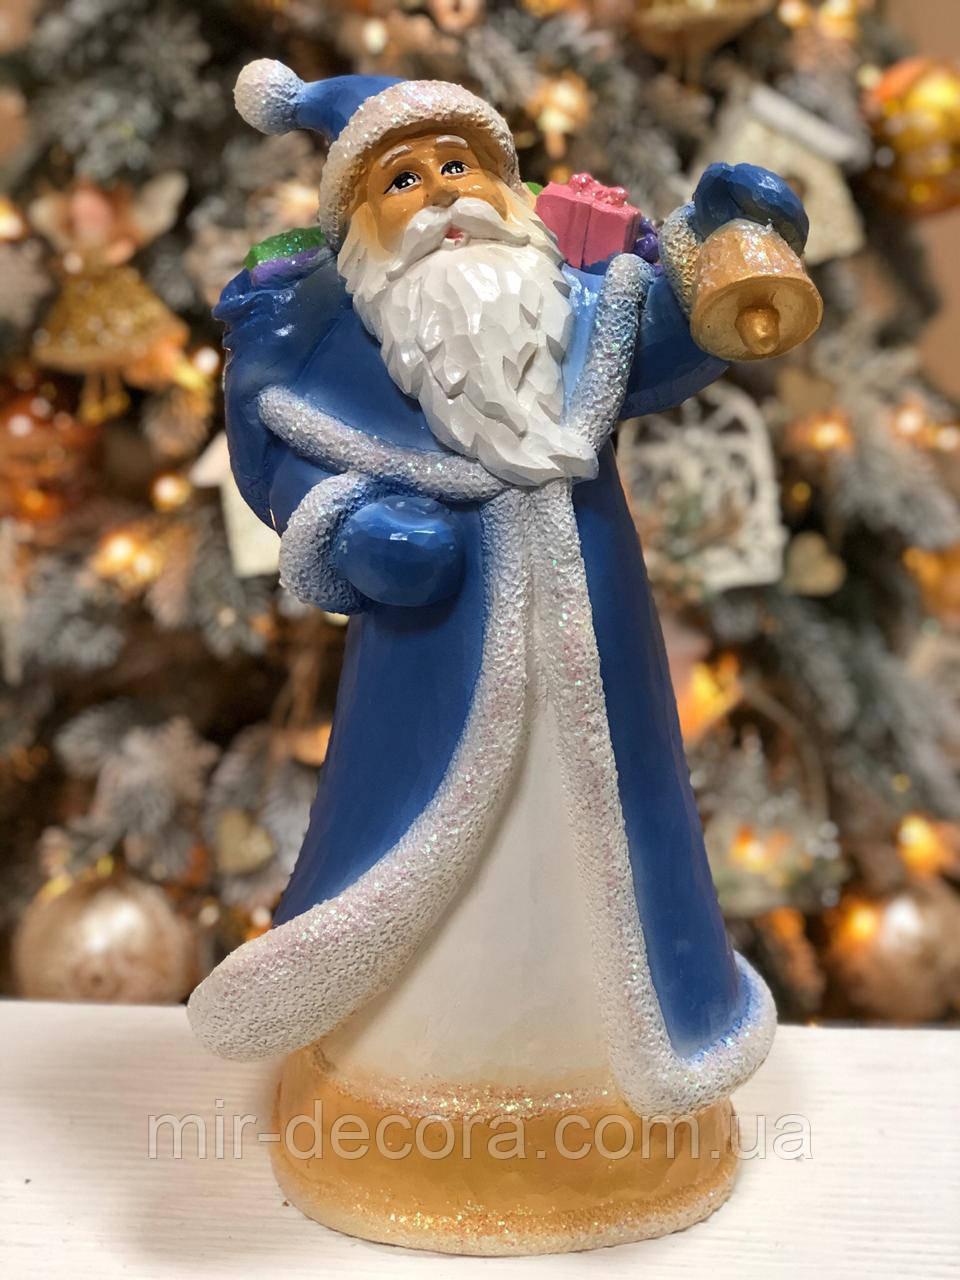 Фигурка Святой Николай с колокольчиком под елку, 41 см